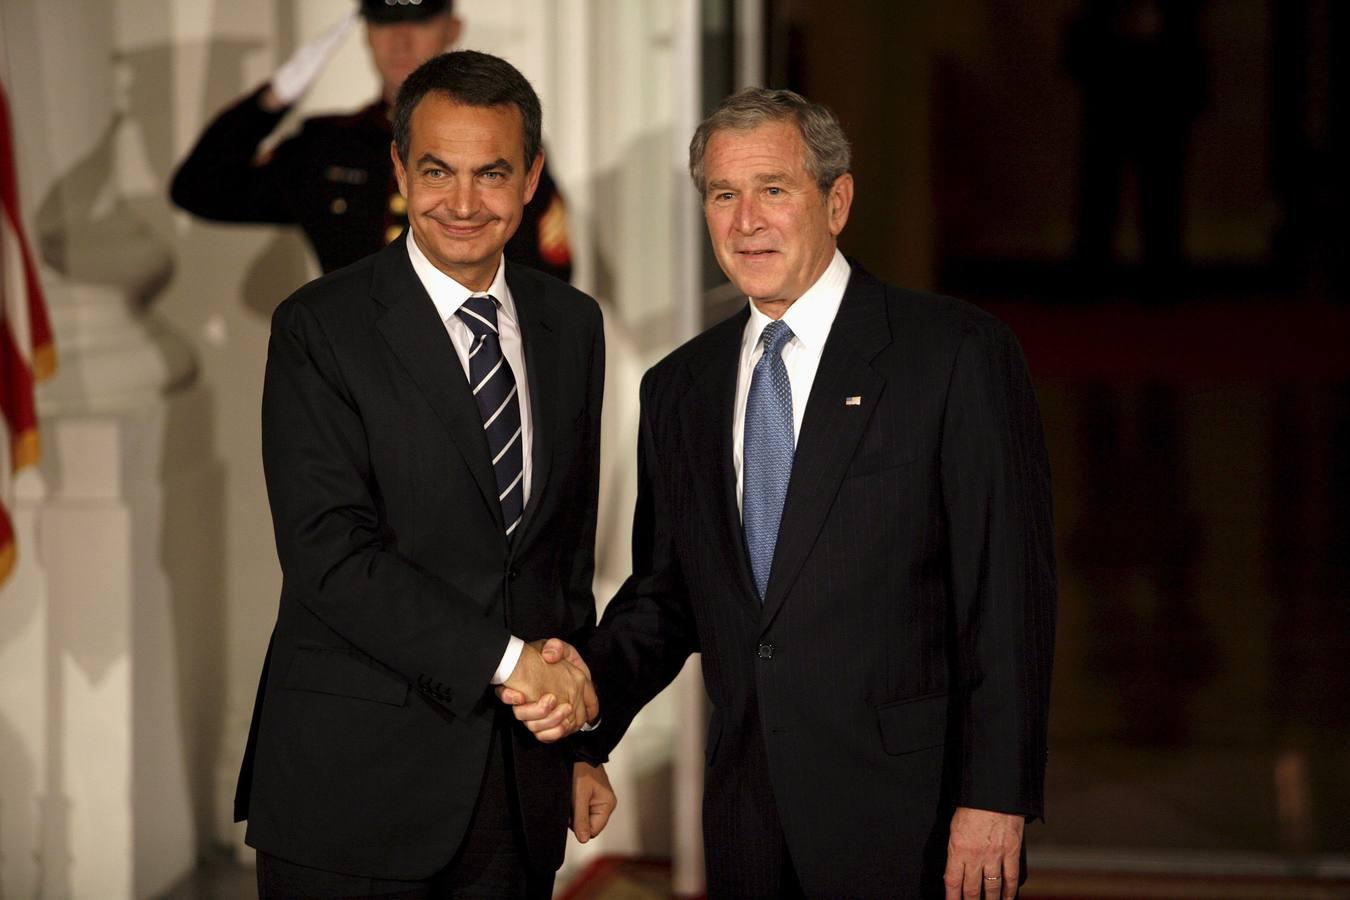 ¿Cuánto mide George Bush Jr.? - Altura - Real height 2008-zapatero-bush-casa-blanca